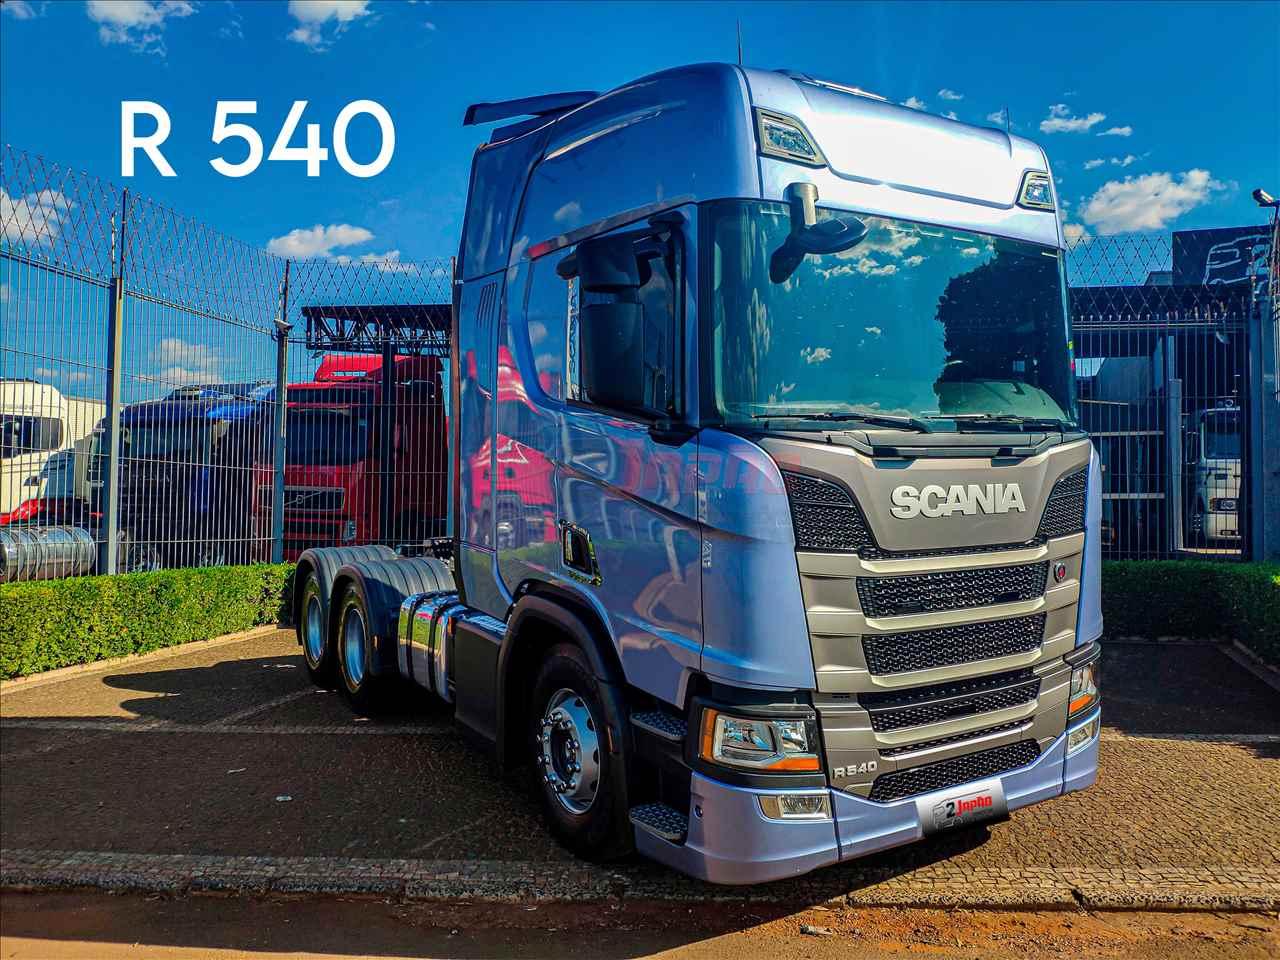 CAMINHAO SCANIA SCANIA 500 Cavalo Mecânico Traçado 6x4 2 Japão Caminhões e Carretas SUMARE SÃO PAULO SP